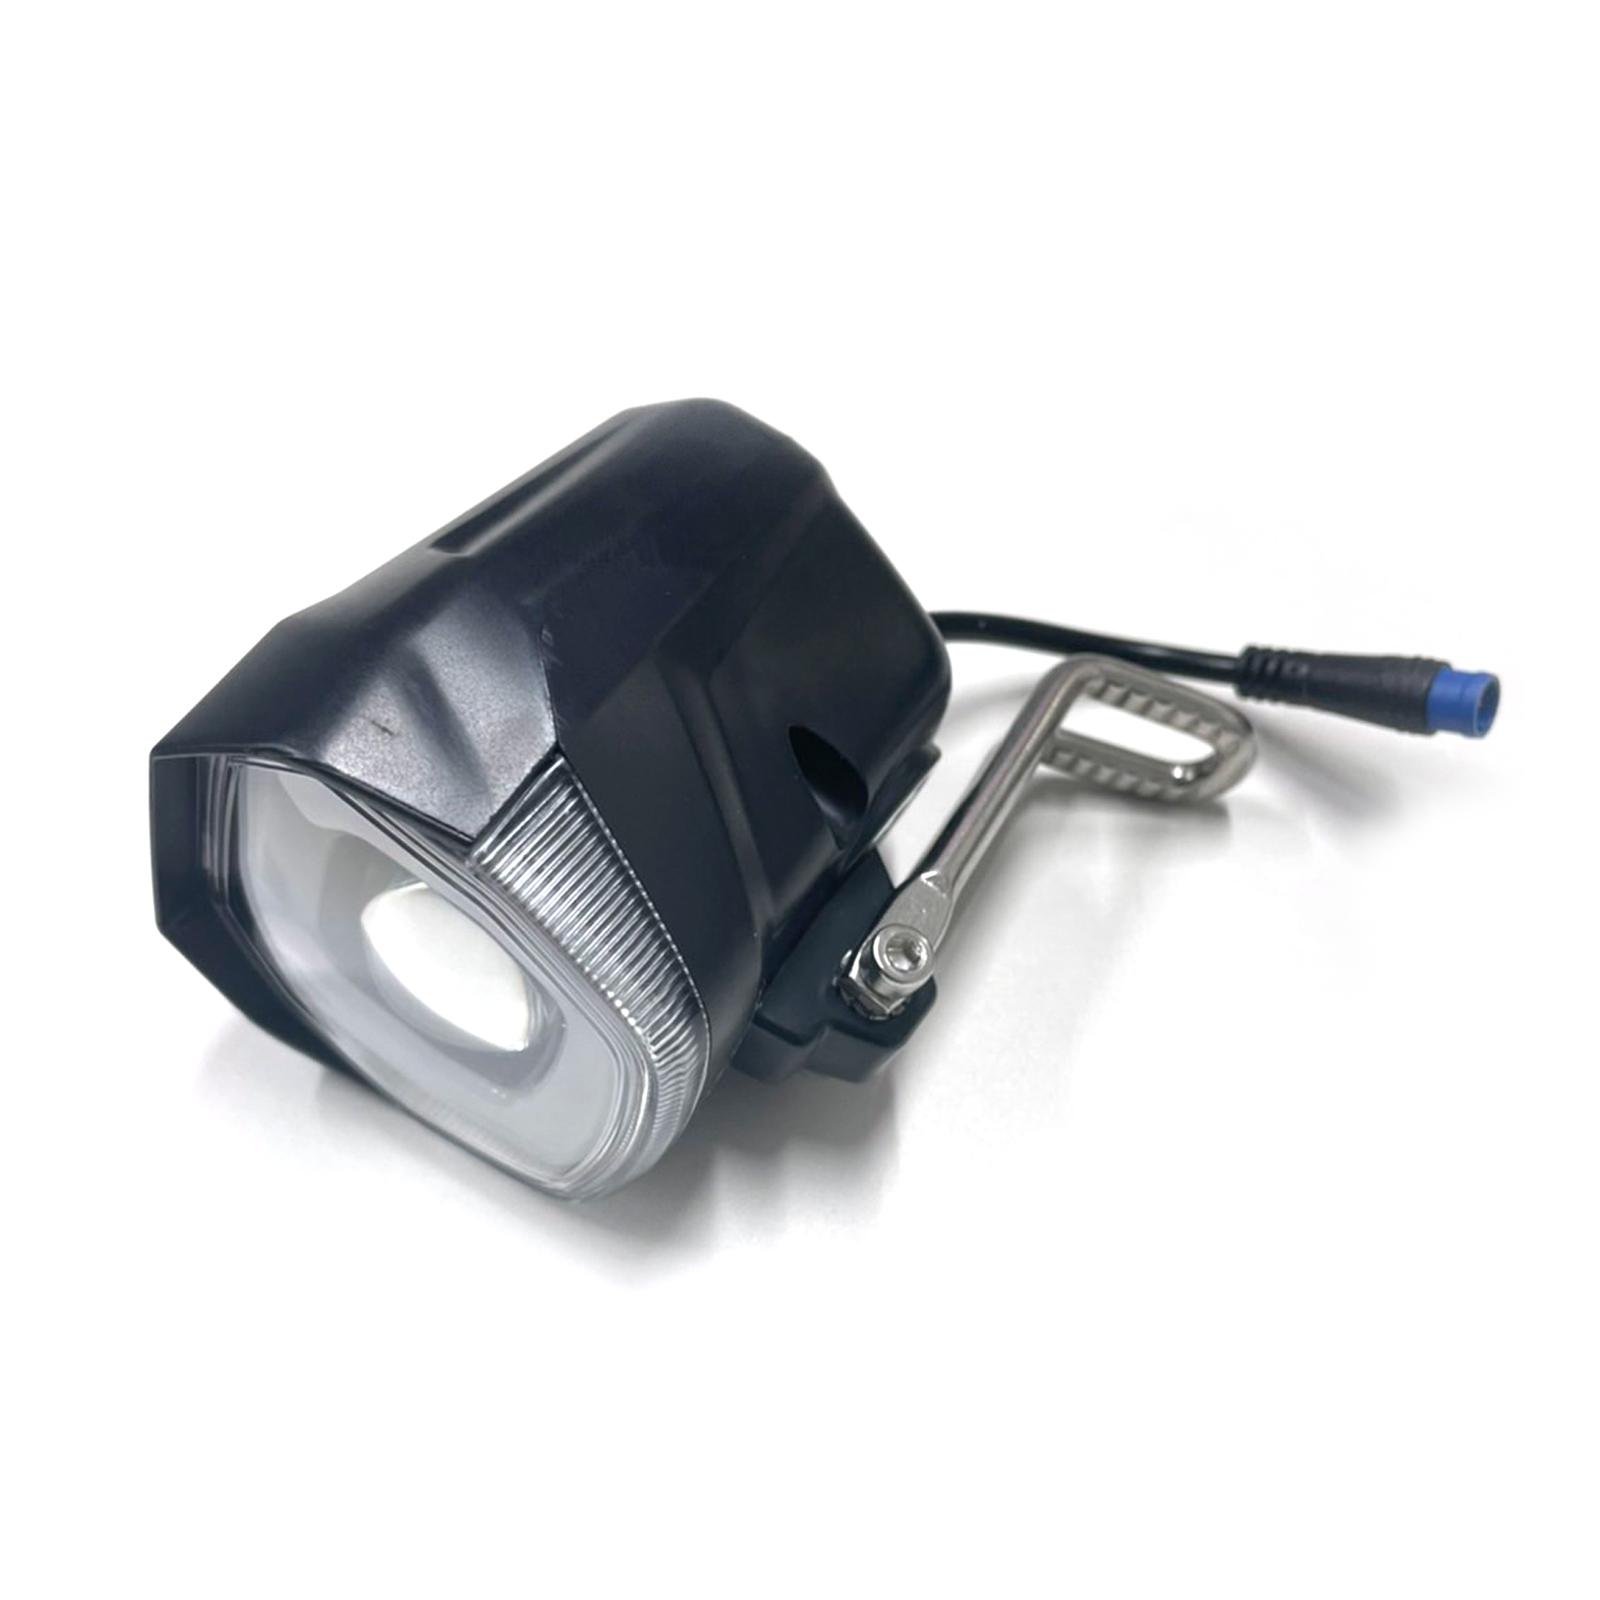 専用ヘッドライト・次世代型折り畳み式電動キックボード COSWHEEL EV Scooter 公道仕様2WAY乗りEVスクーター